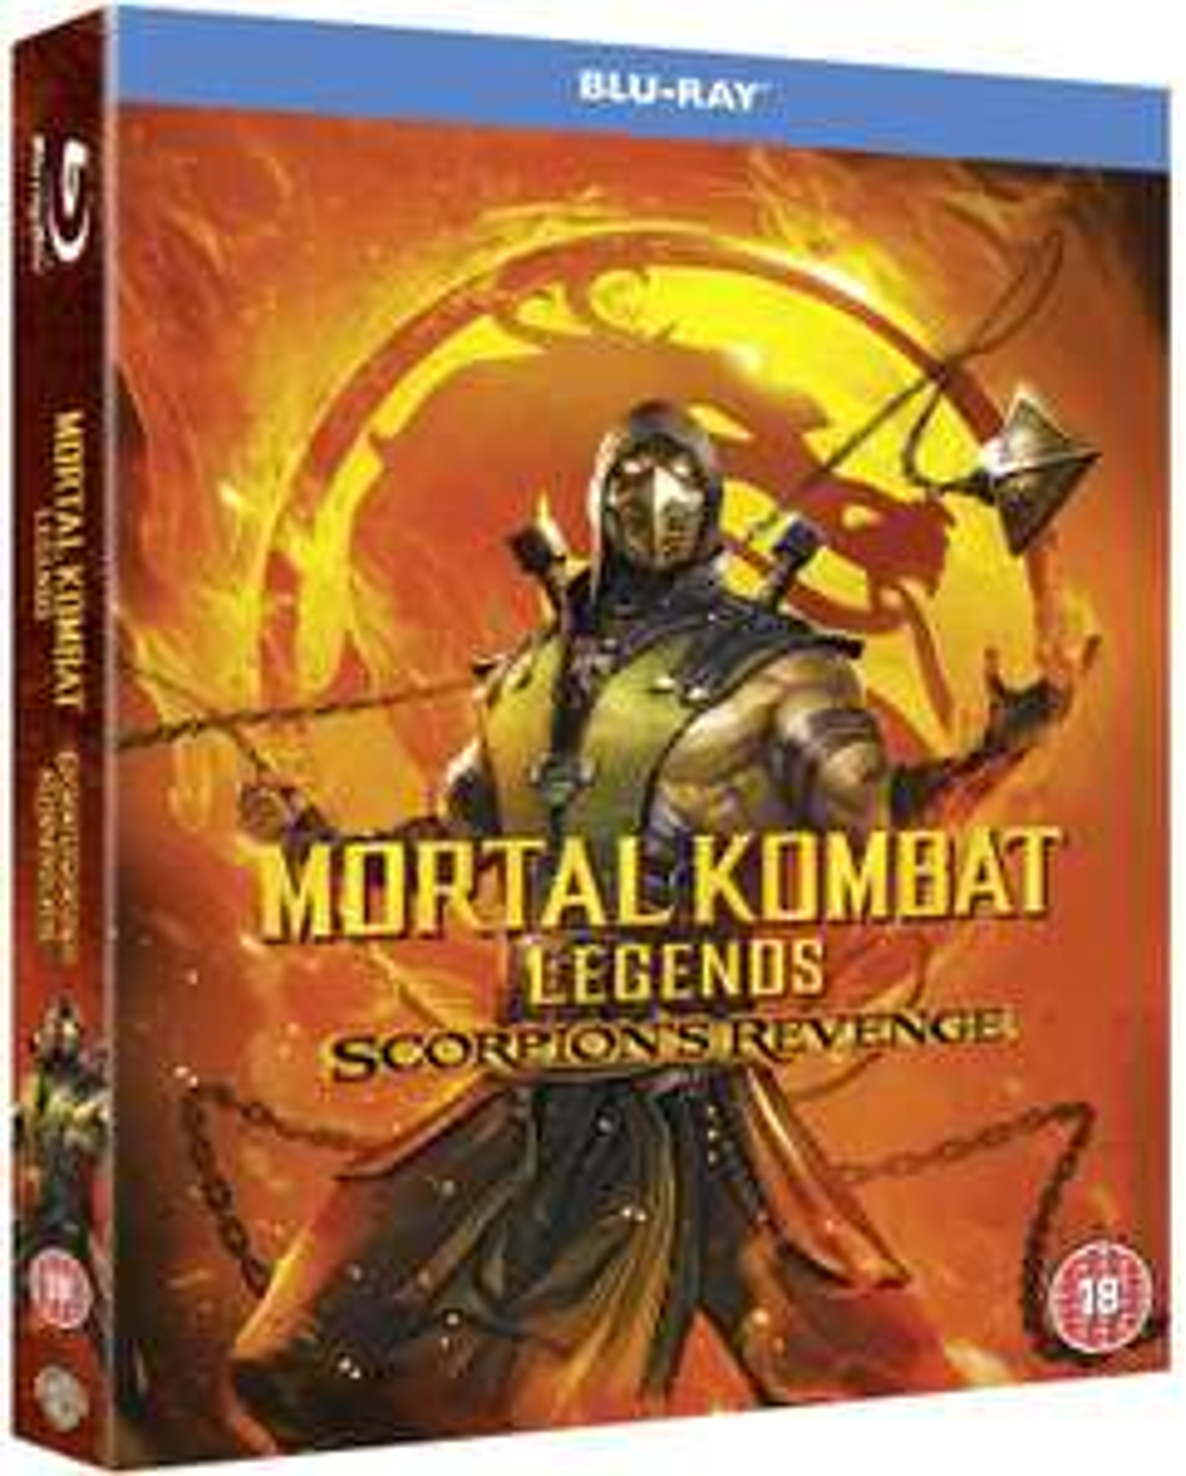 Mortal Kombat Legends: Scorpion's Revenge [Blu-ray] £2.02 (+£2.99 p&p non prime) @ Amazon